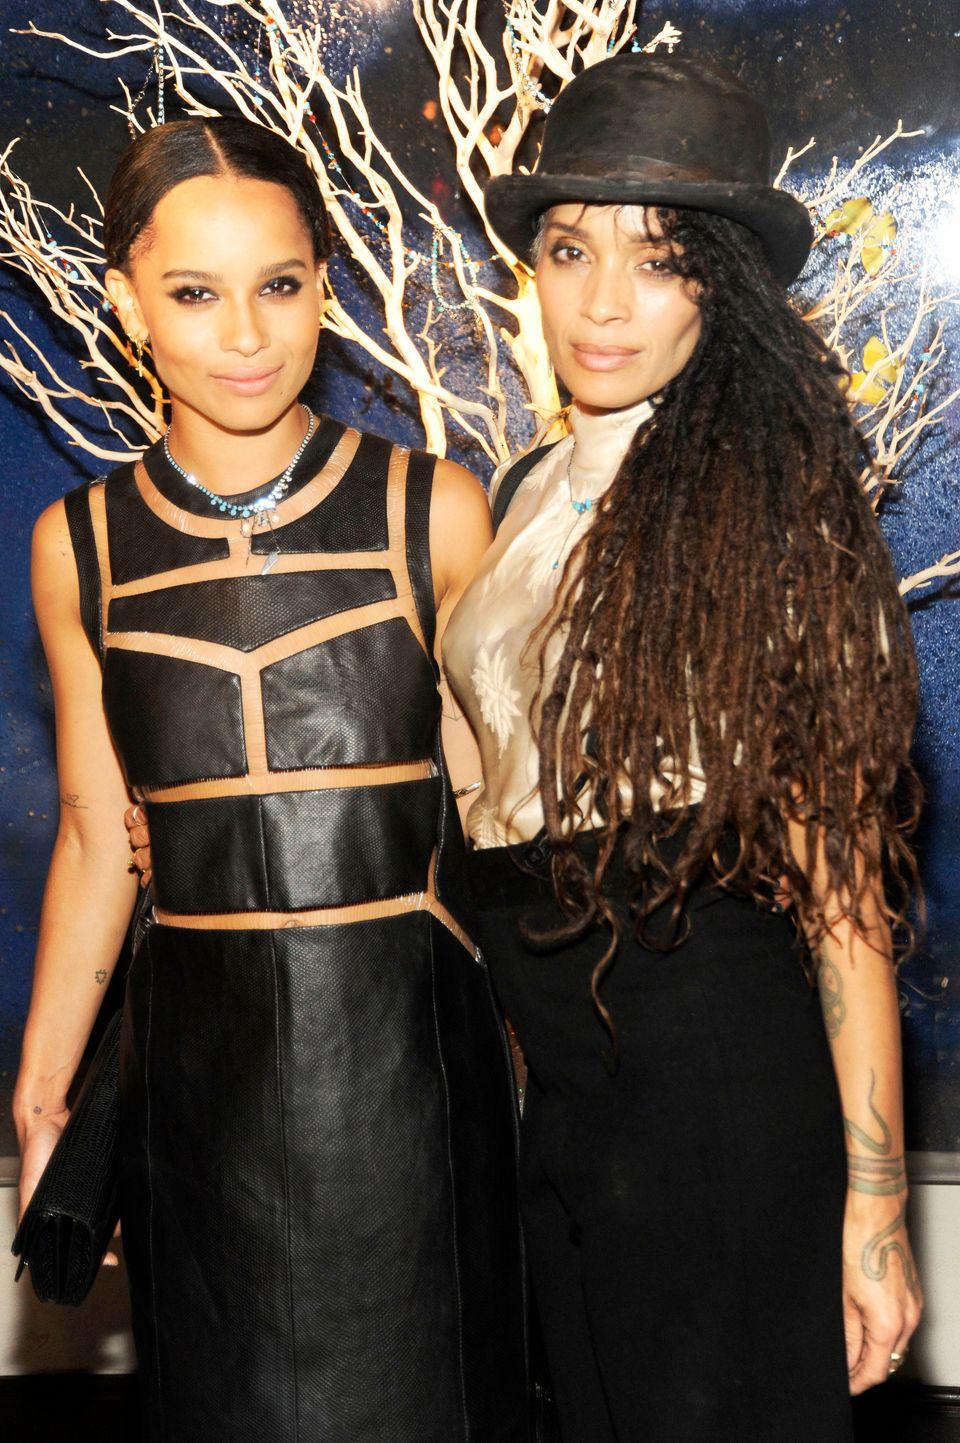 NEW YORK, NY - MARCH 21: Zoe Kravitz and Lisa Bonet attend the Zoe Kravitz For Swarovski Crystallized Launch at Gramercy Park